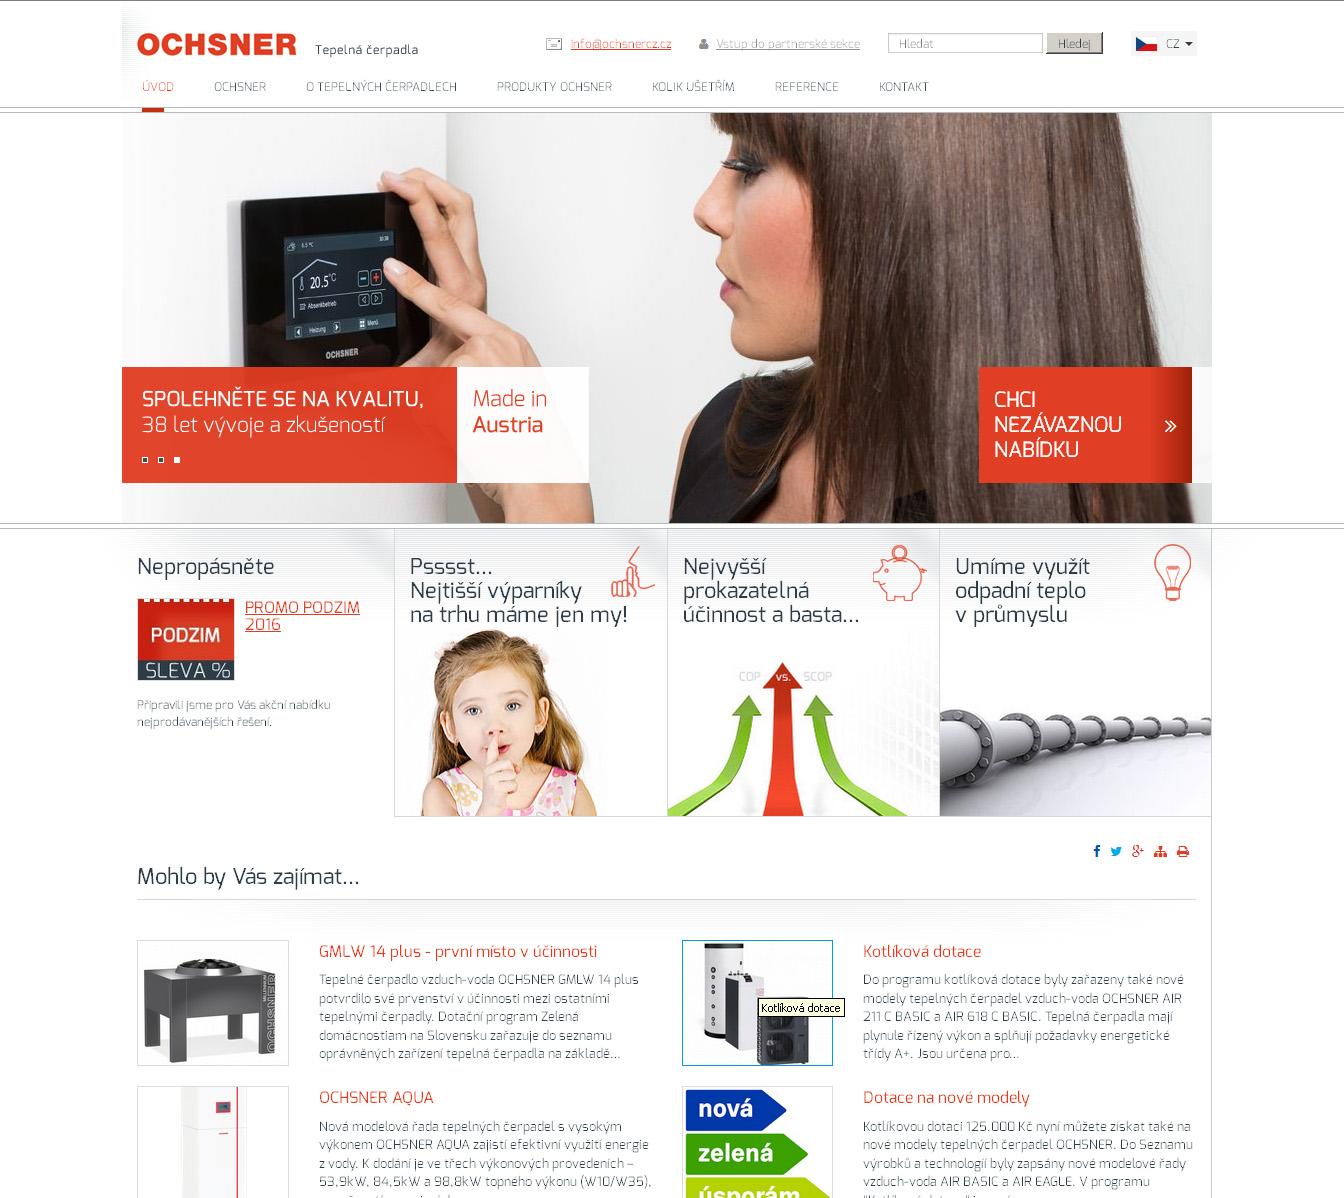 Webové stránky Ochsner.cz